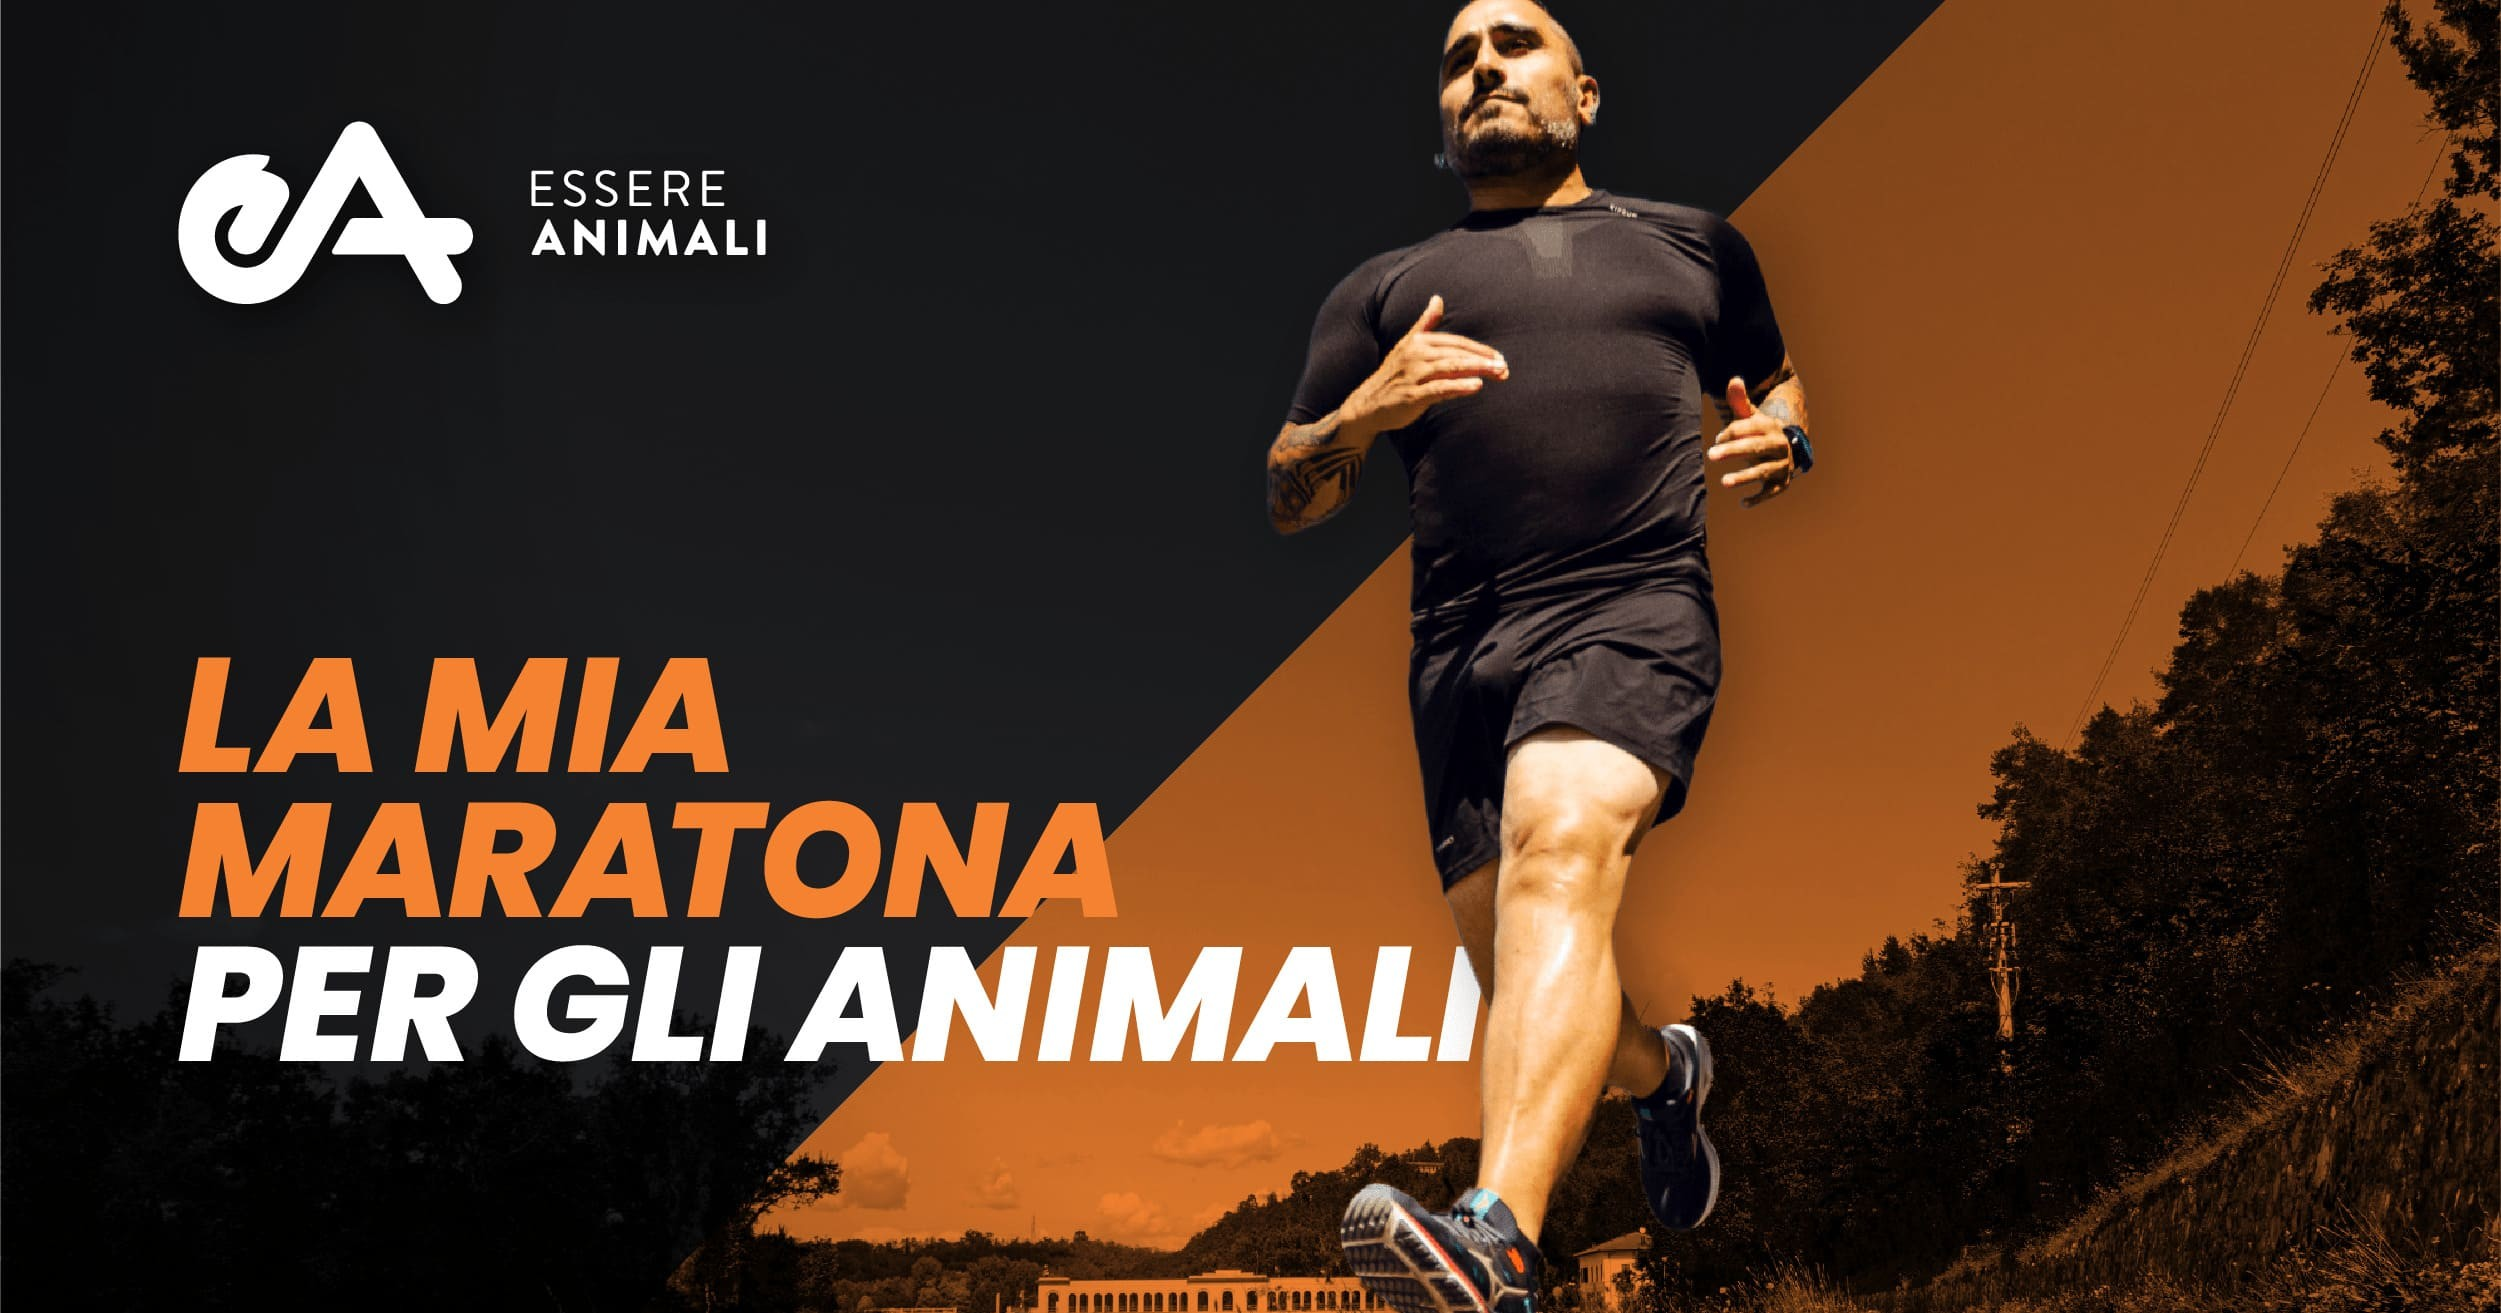 Corro la London Marathon per gli animali-Essere Animali